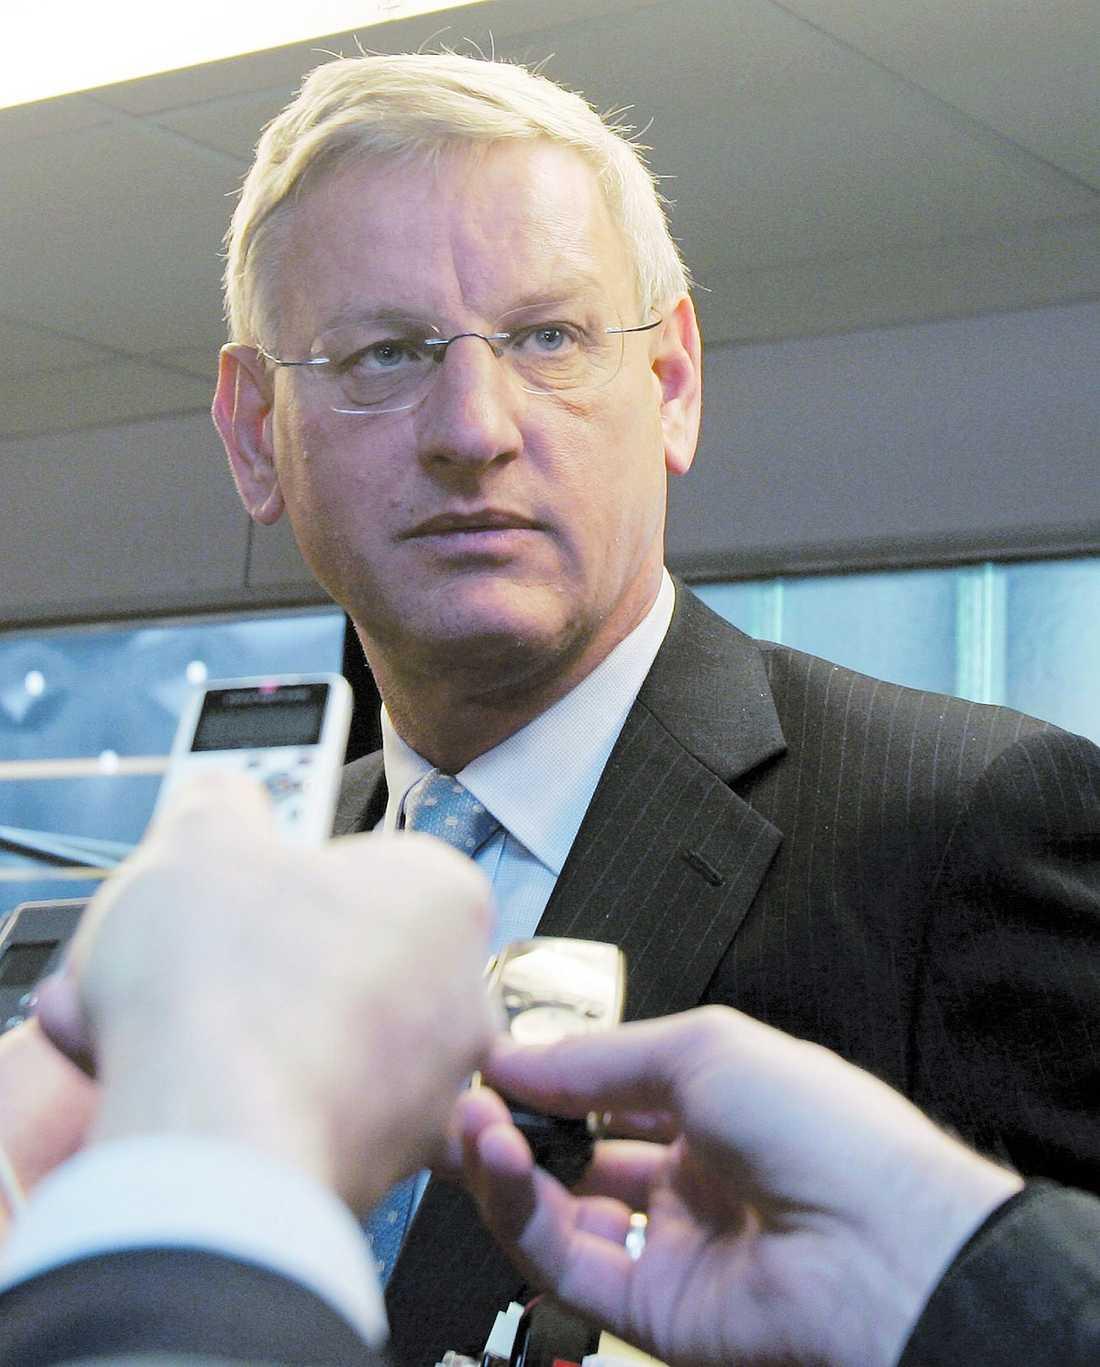 diplomatisk kris Carl Bildts planerade besök i Israel om tio dagar kan komma att ställas in om han inte tar ställning mot artikeln på Aftonbladets kultursidor i måndags. Det uppger israeliska tidningar.